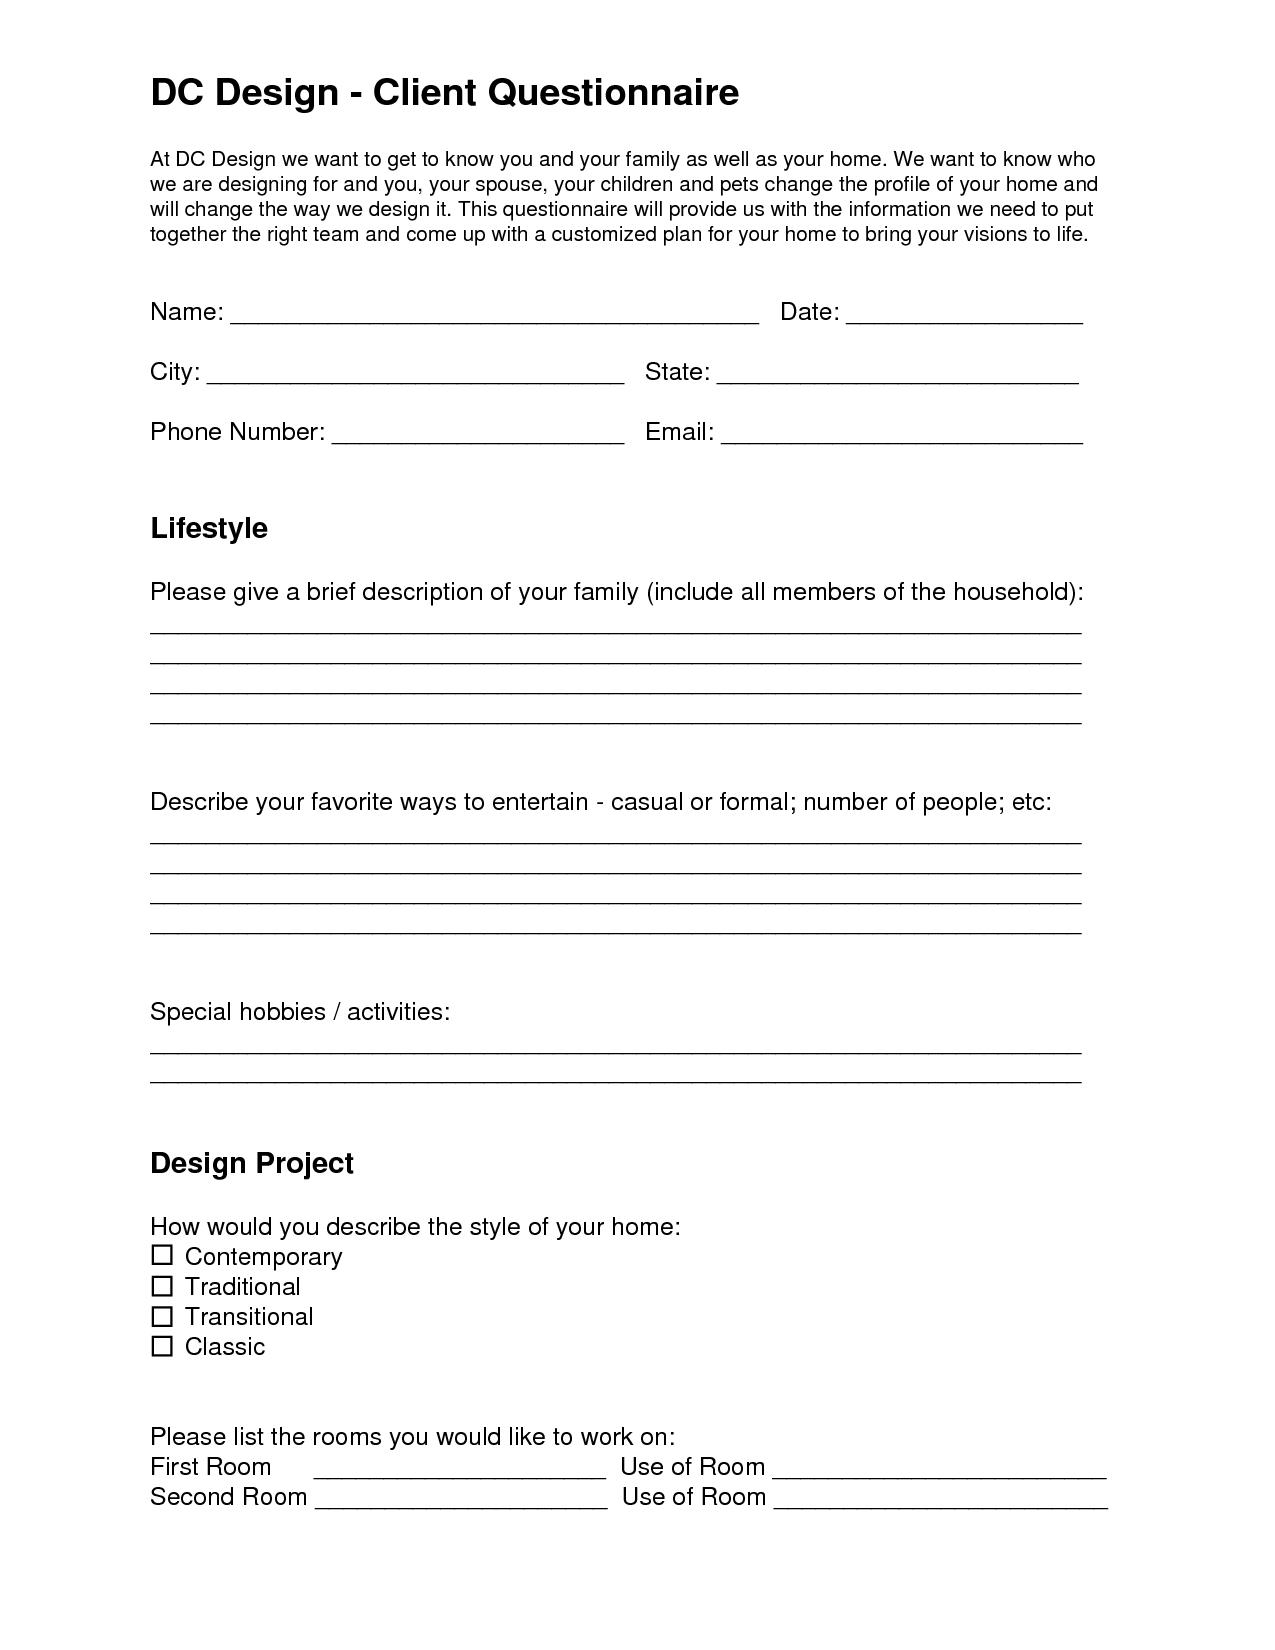 DC Design Client Questionnaire Eleven One Interiors Pinterest